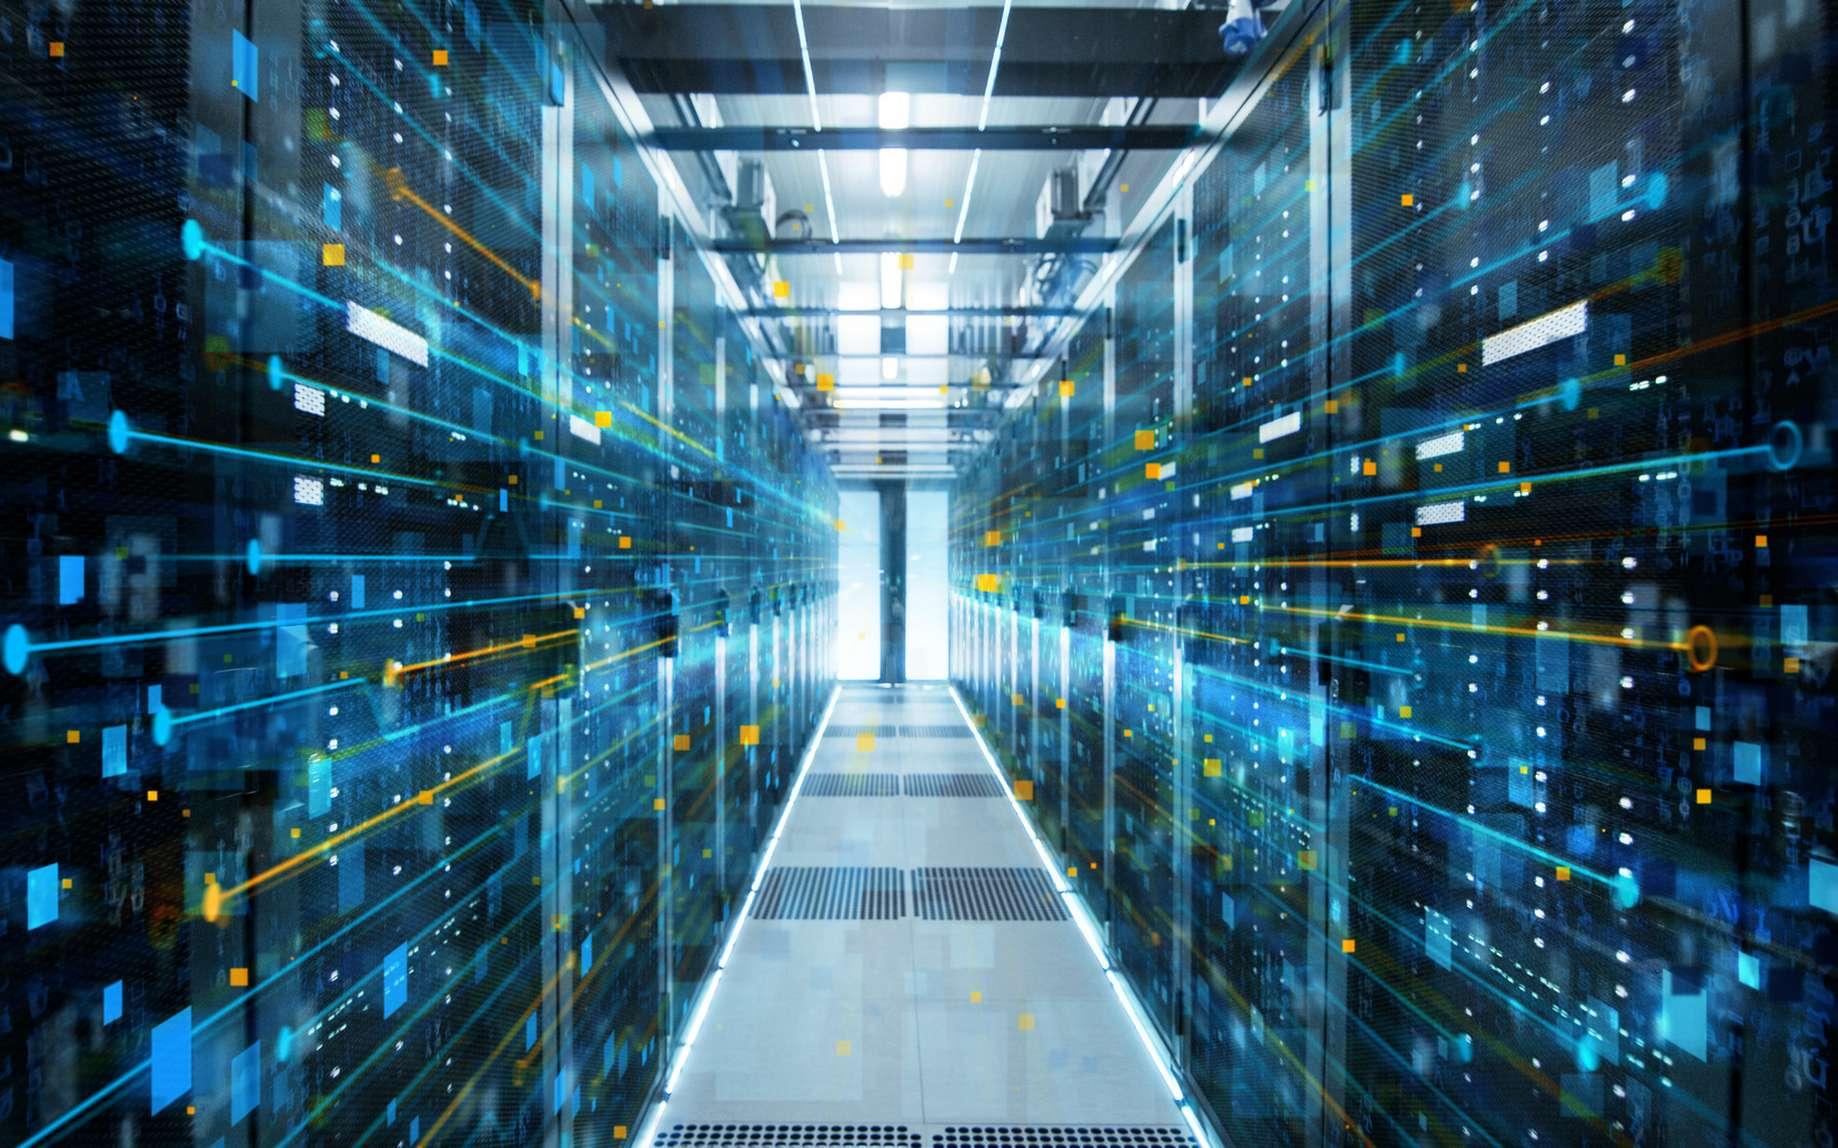 La sauvegarde est indispensable pour mettre en sécurité des données. © Gorodenkoff, Fotolia